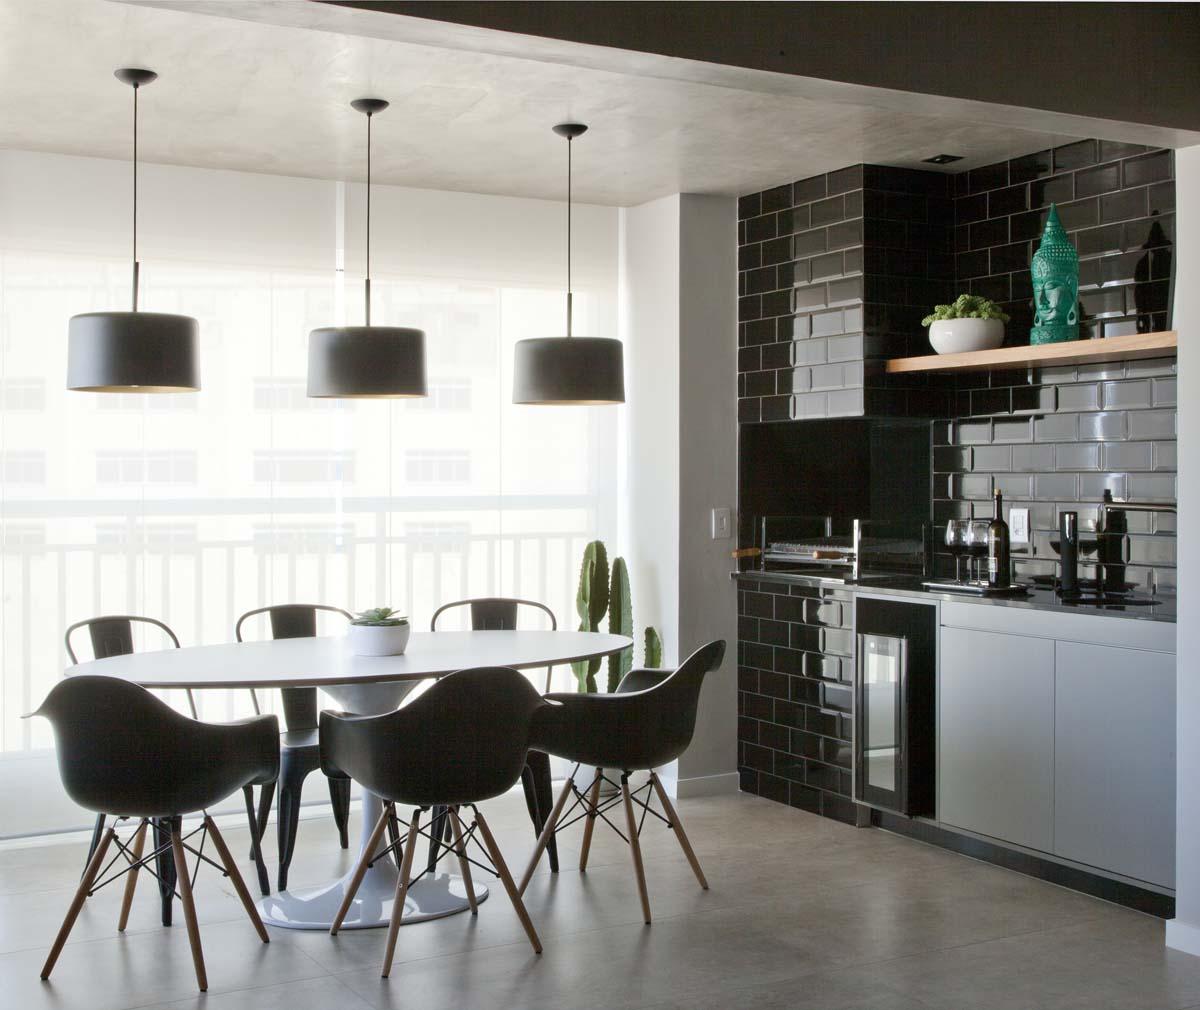 Ambientes integrados e décor com toques retrô e industriais (5)